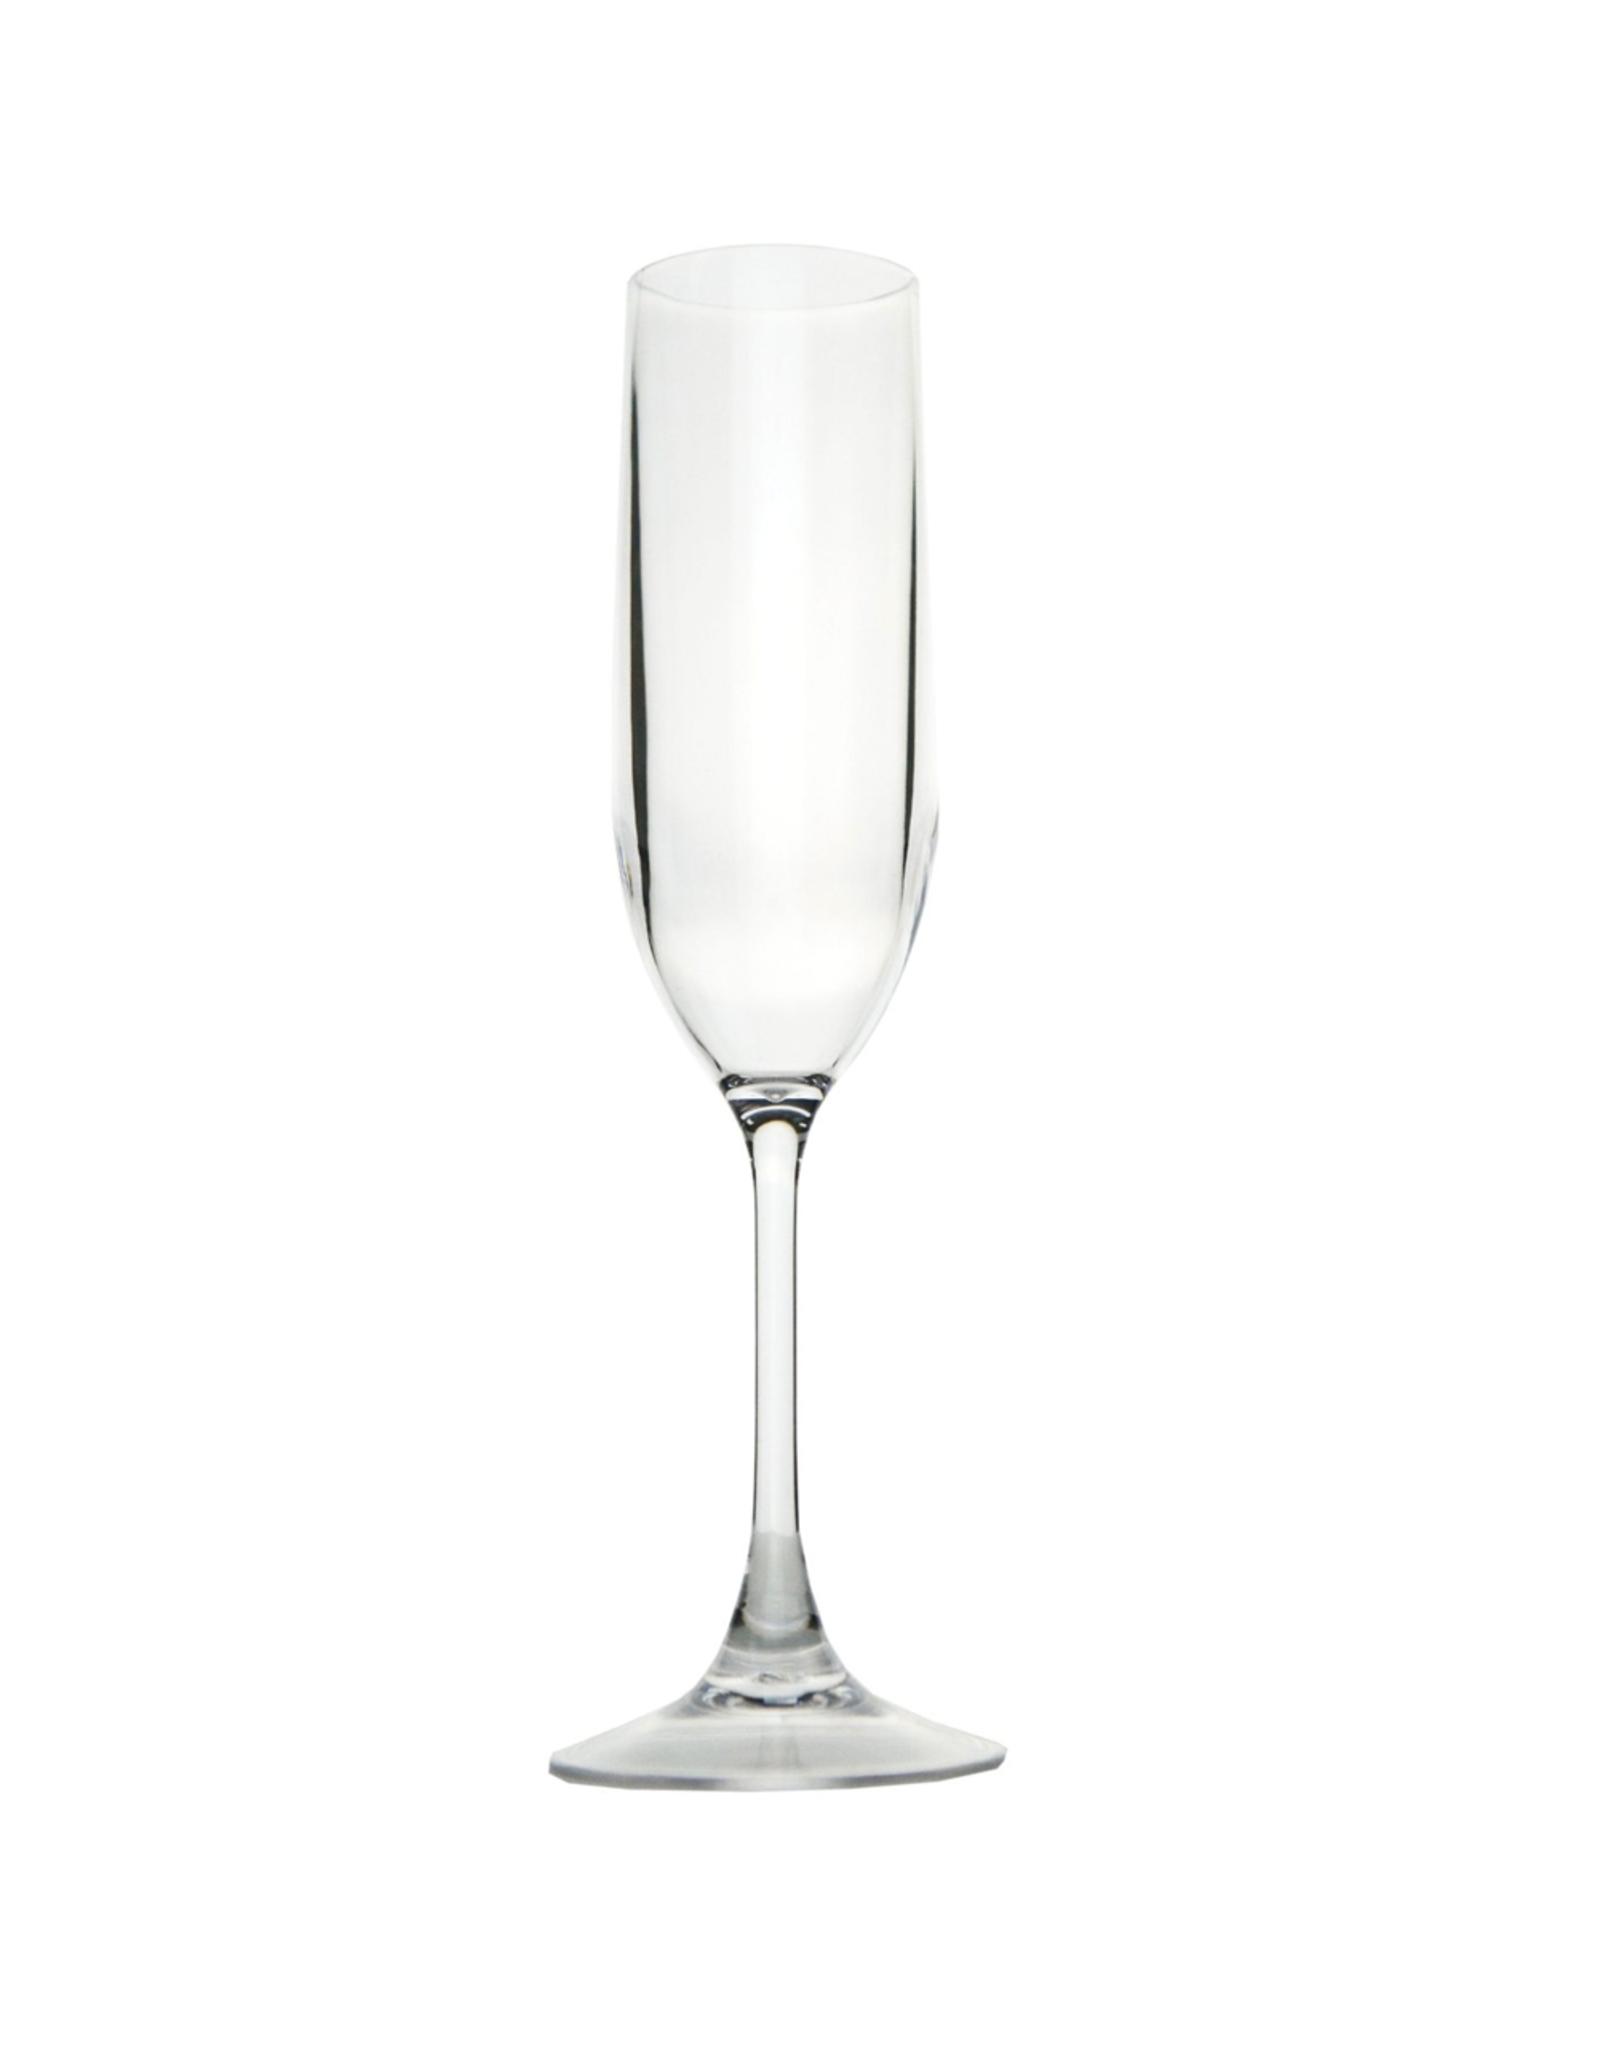 Caspari Acrylic Champagne Flute 6oz Reusable Shatter Resistant